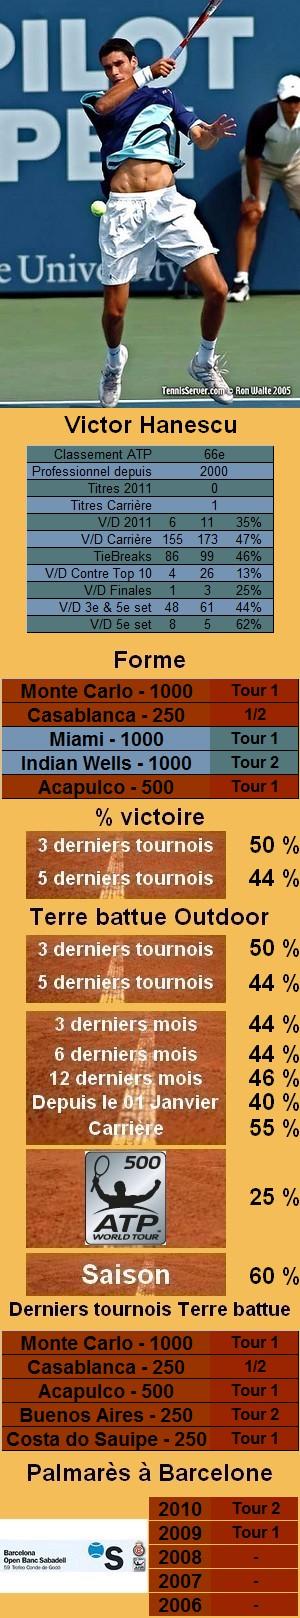 Les statistiques tennis de Victor Hanescu pour le tournoi de Barcelone